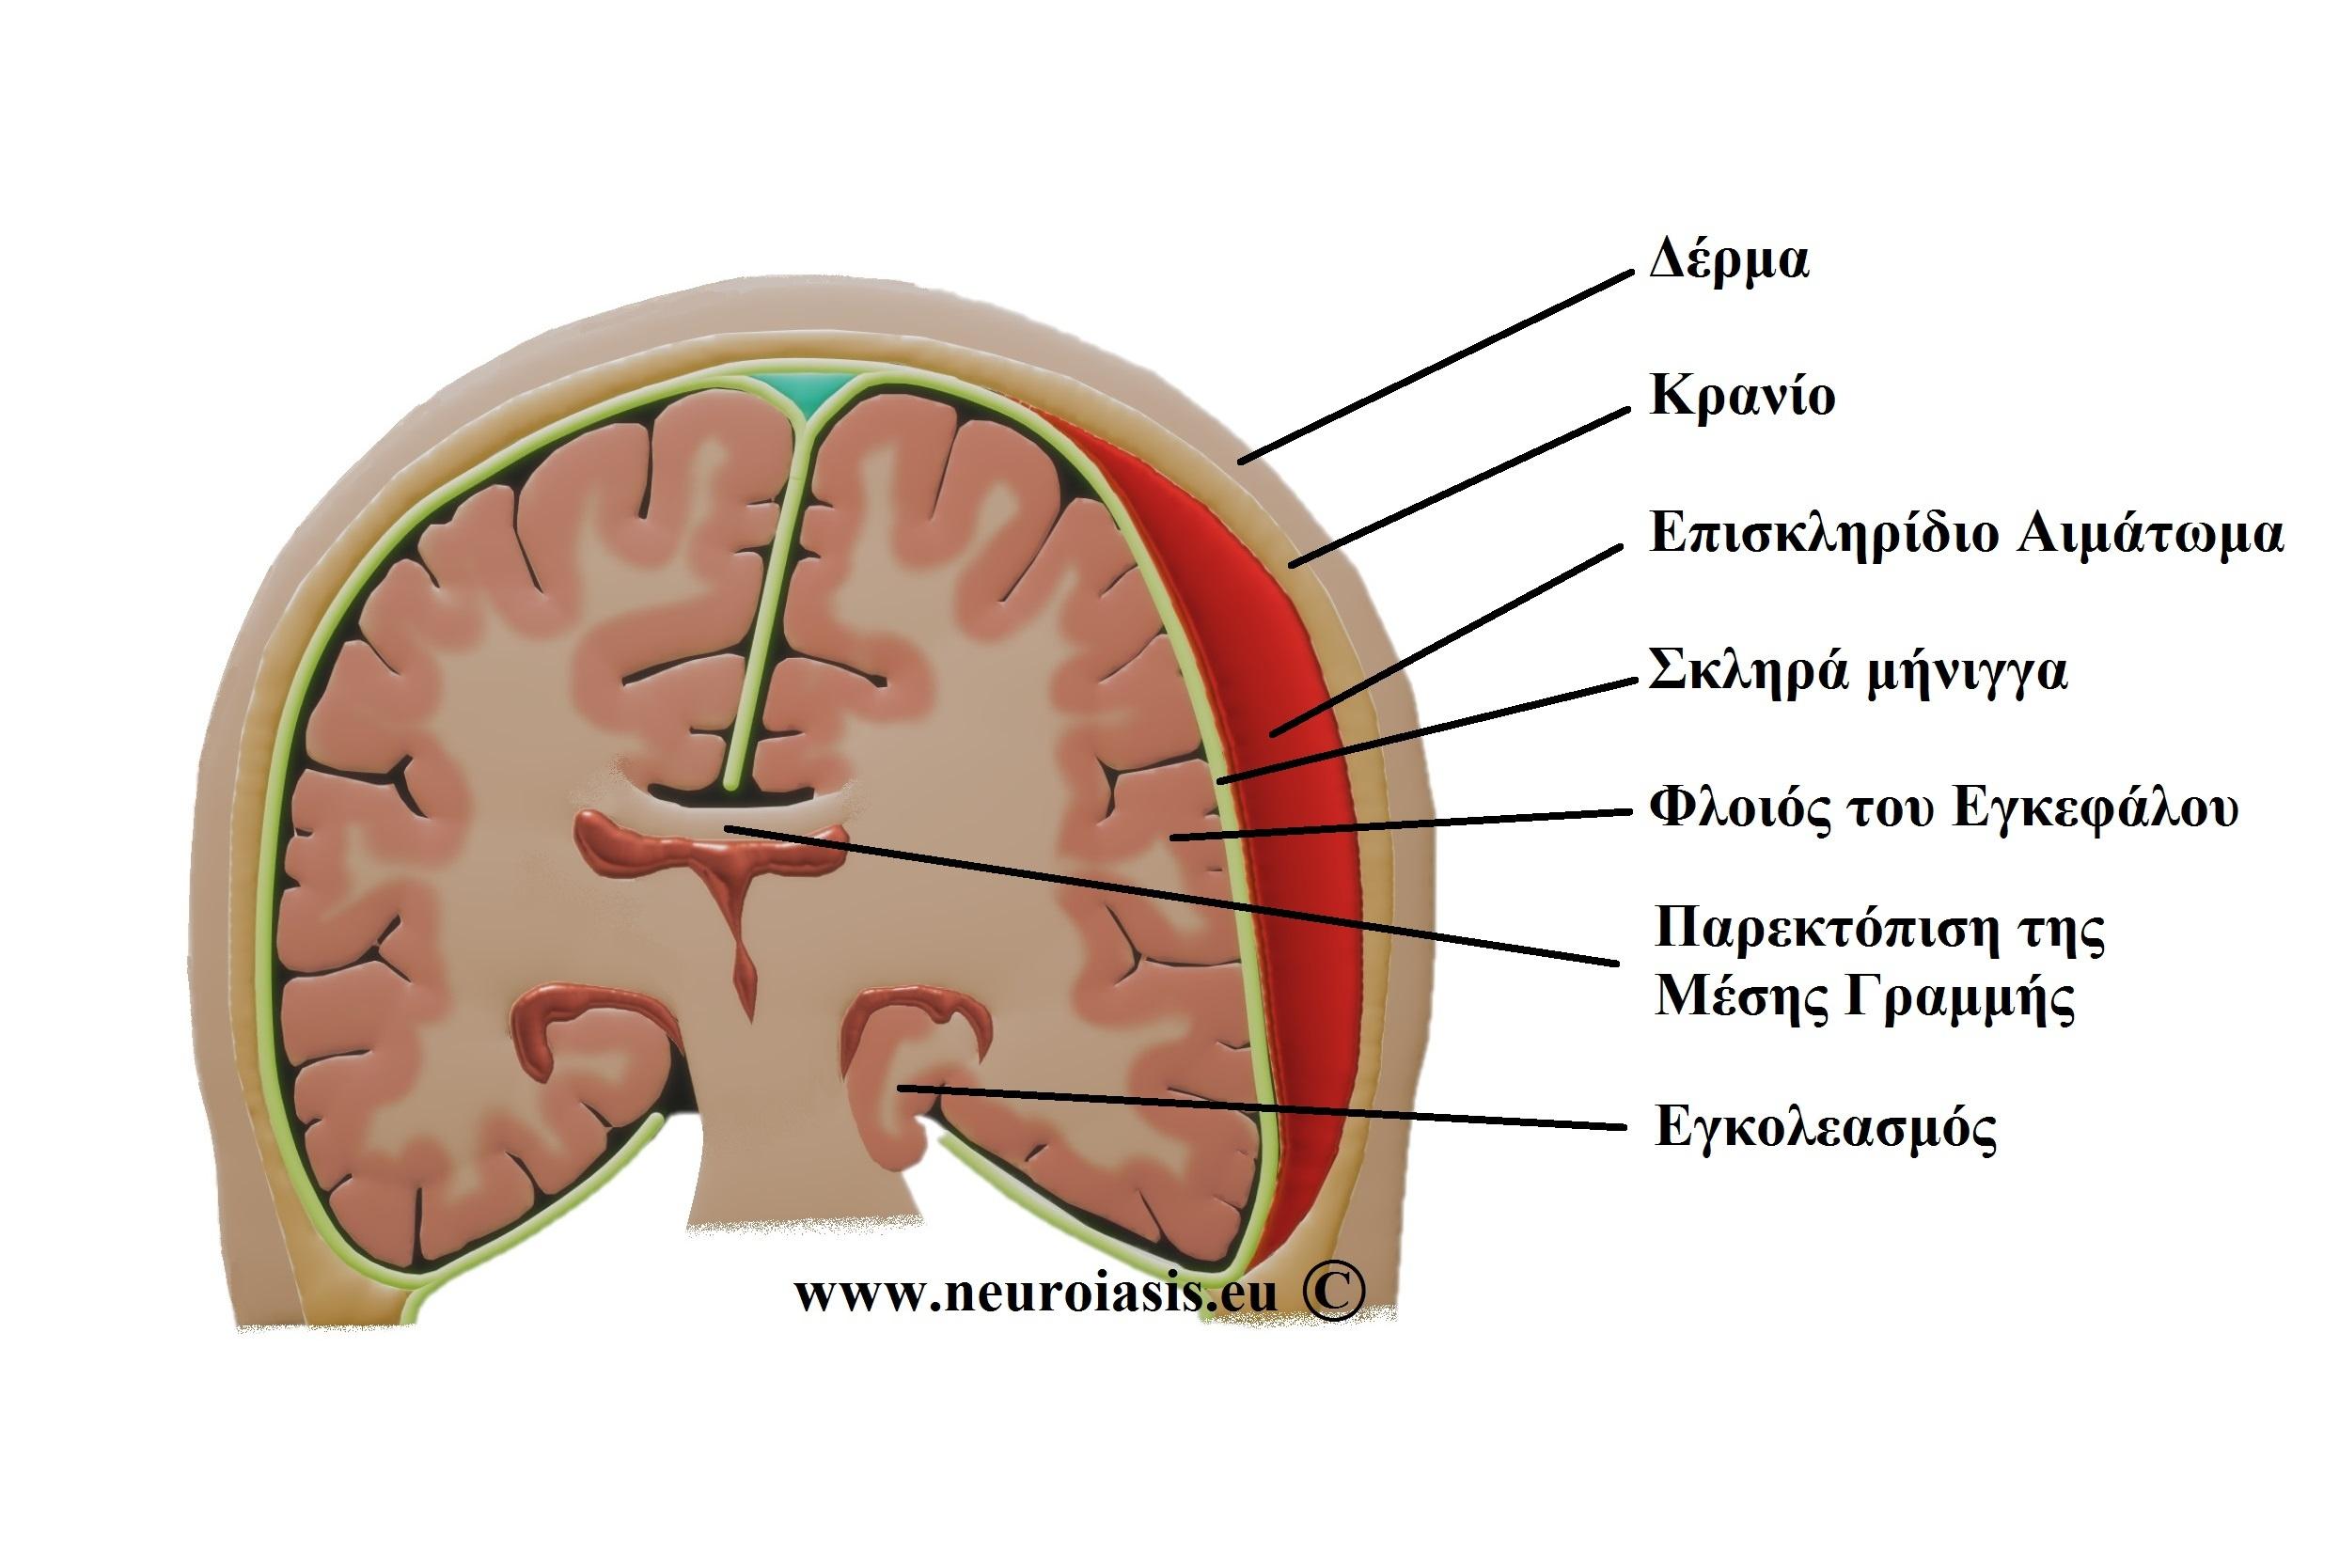 pathiseis-egkefalou-episkliridio-aimatoma